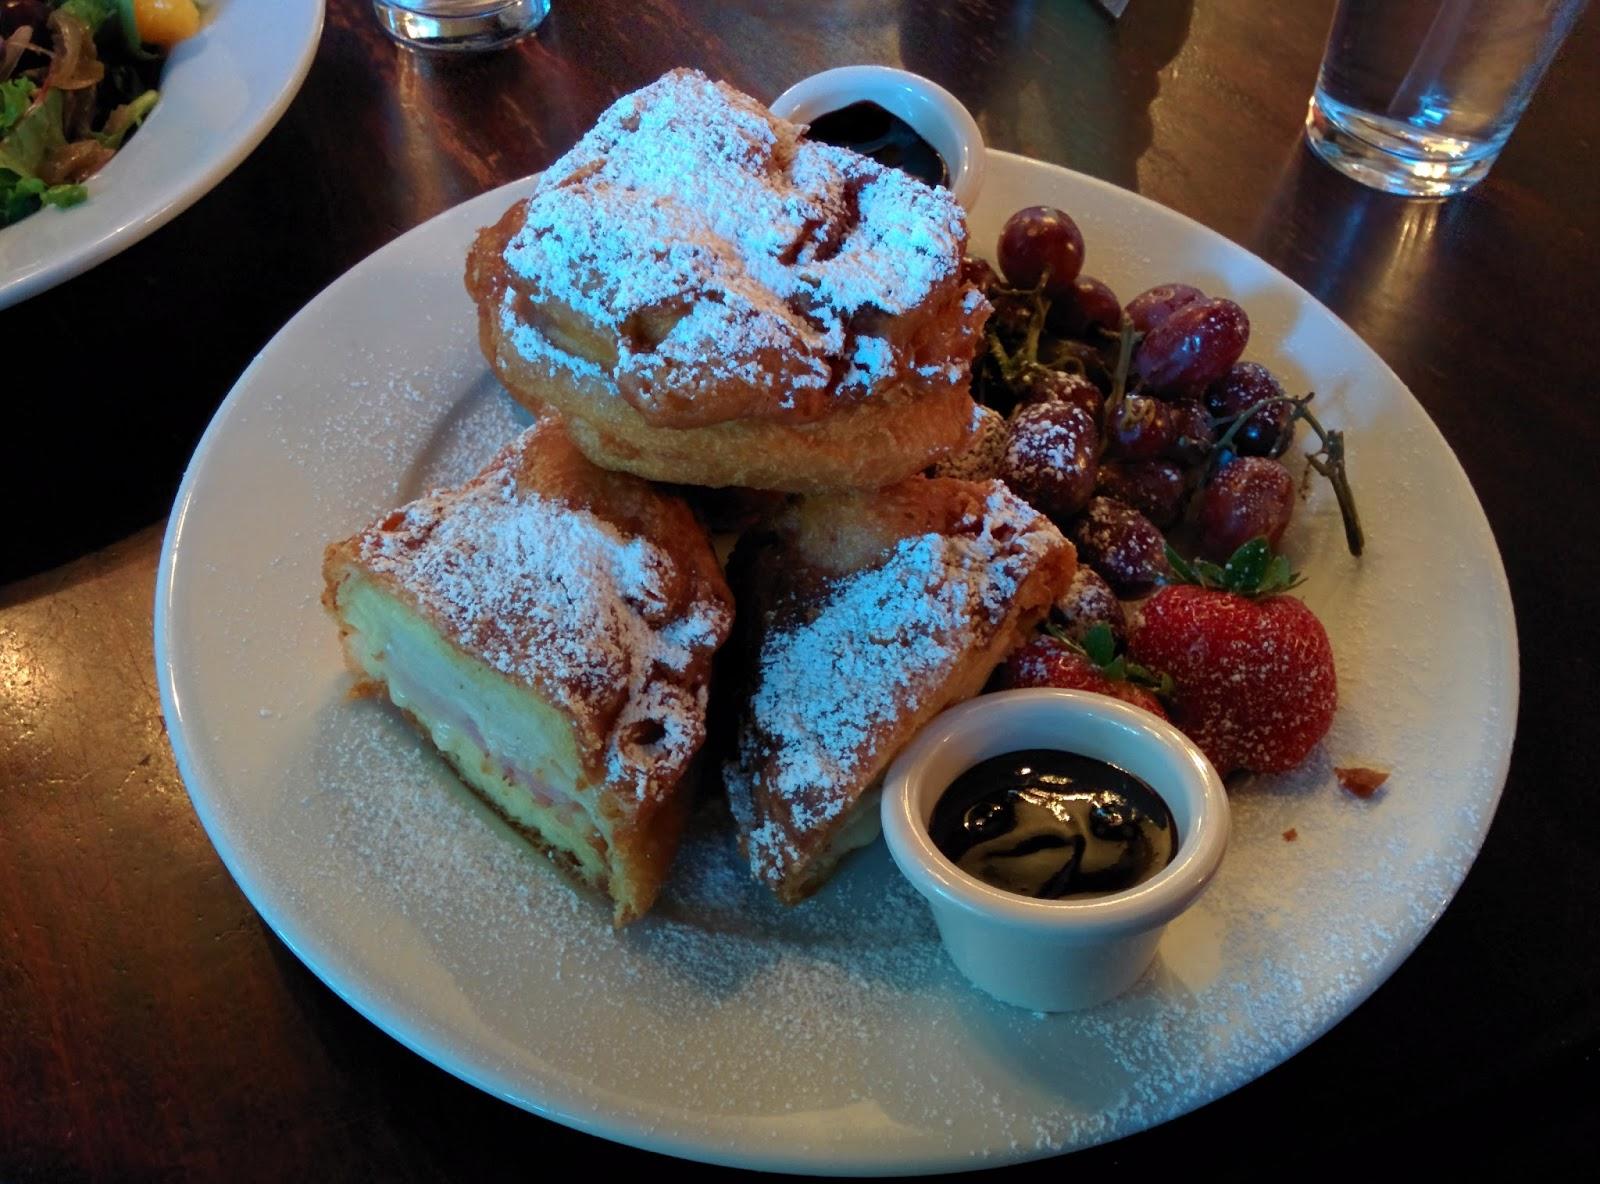 Disney Monte Cristo Sandwich